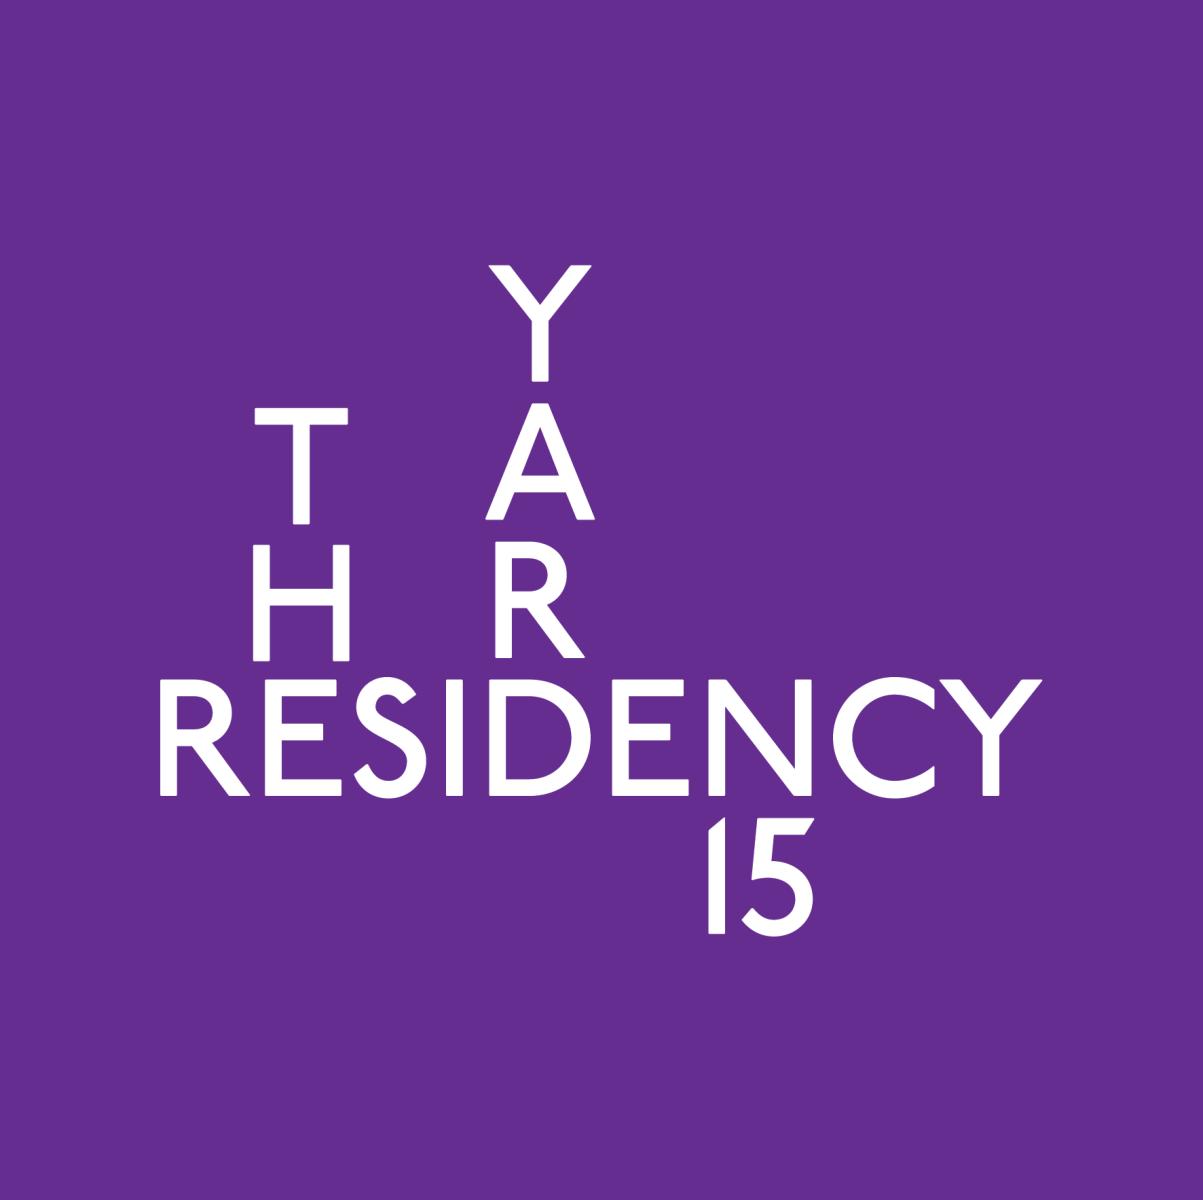 The Yard Residency 15